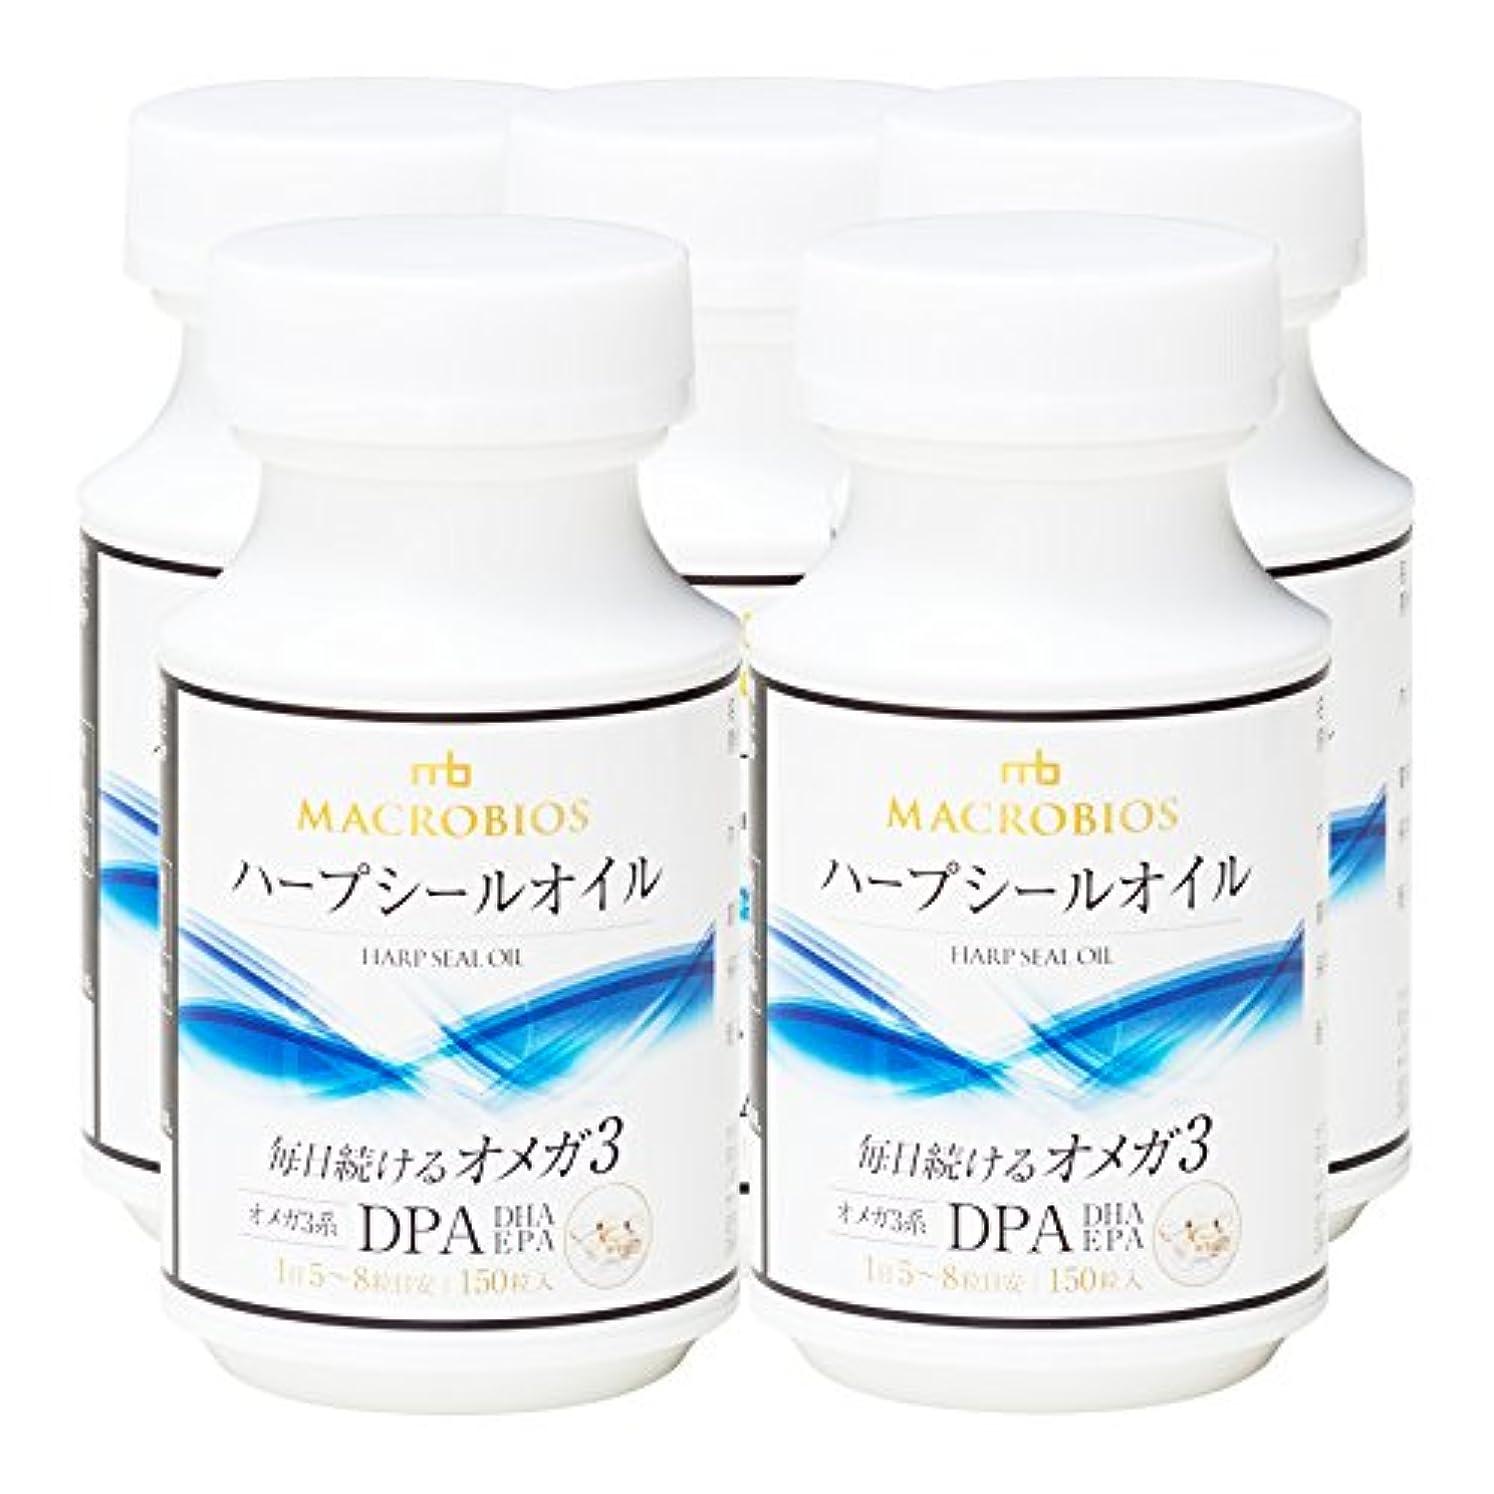 デュアル神聖共産主義者ハープシールオイル 150粒 (アザラシ油) DPA DHA EPA オメガ3 サプリメント (5個セット)